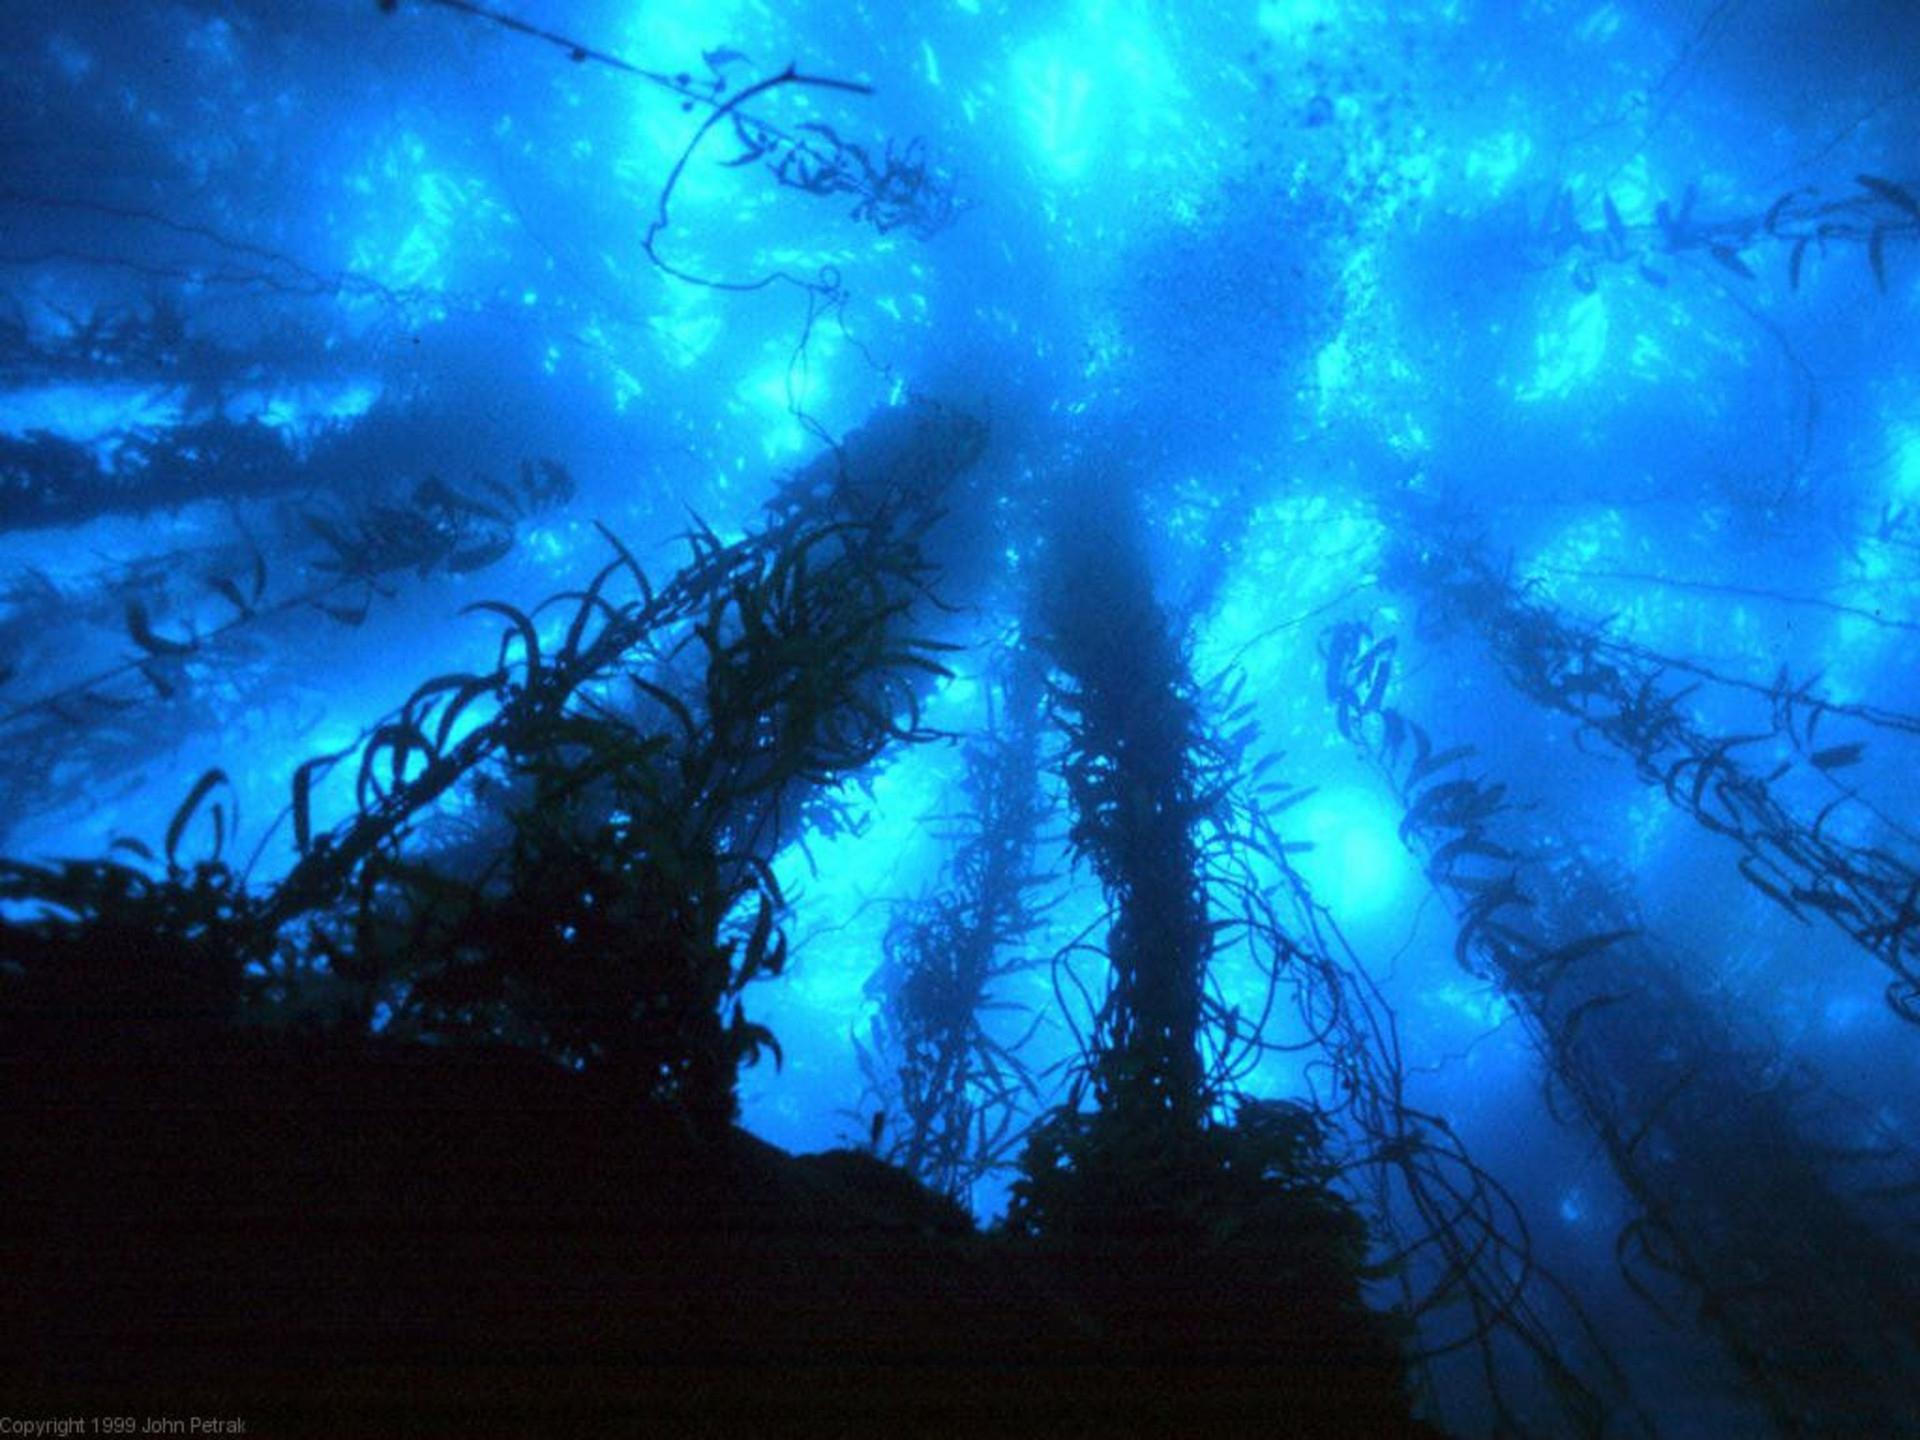 deep sea wallpaper (62+ images)